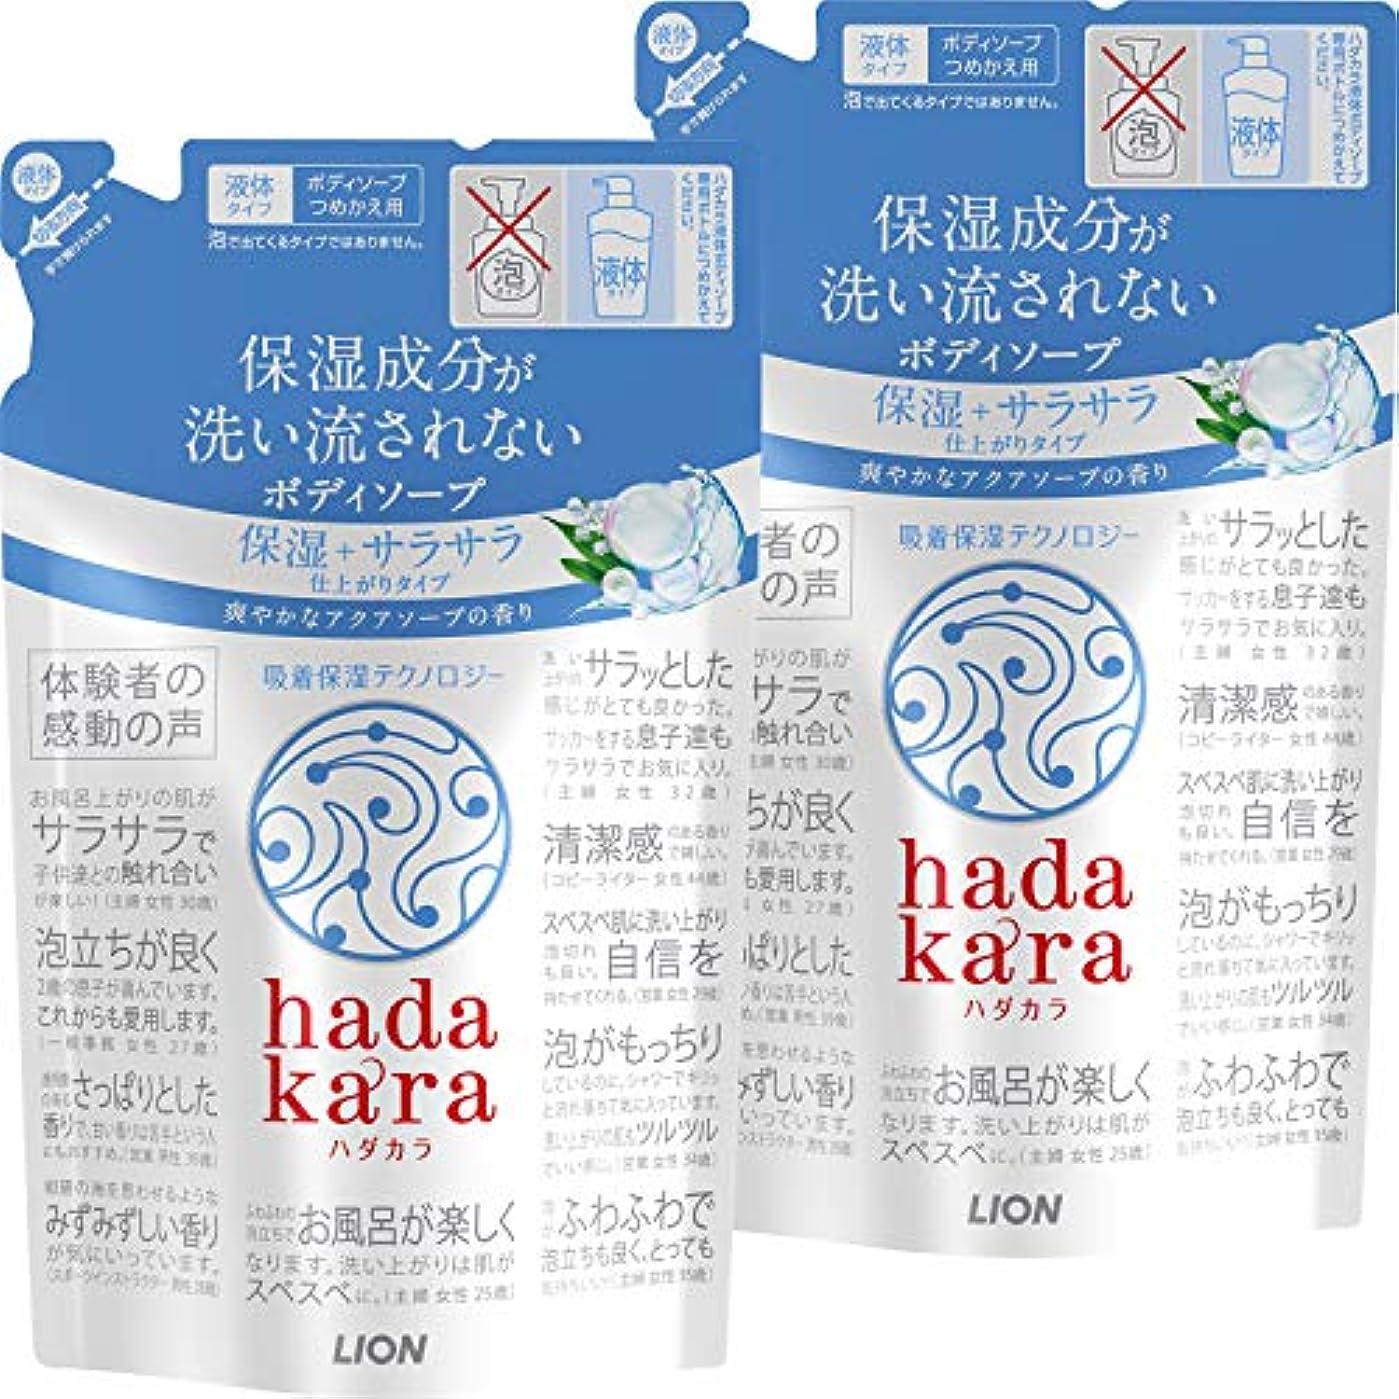 絶望魔術師悪名高い【まとめ買い】hadakara(ハダカラ) ボディソープ 保湿+サラサラ仕上がりタイプ アクアソープの香り 詰め替え 340ml×2個パック